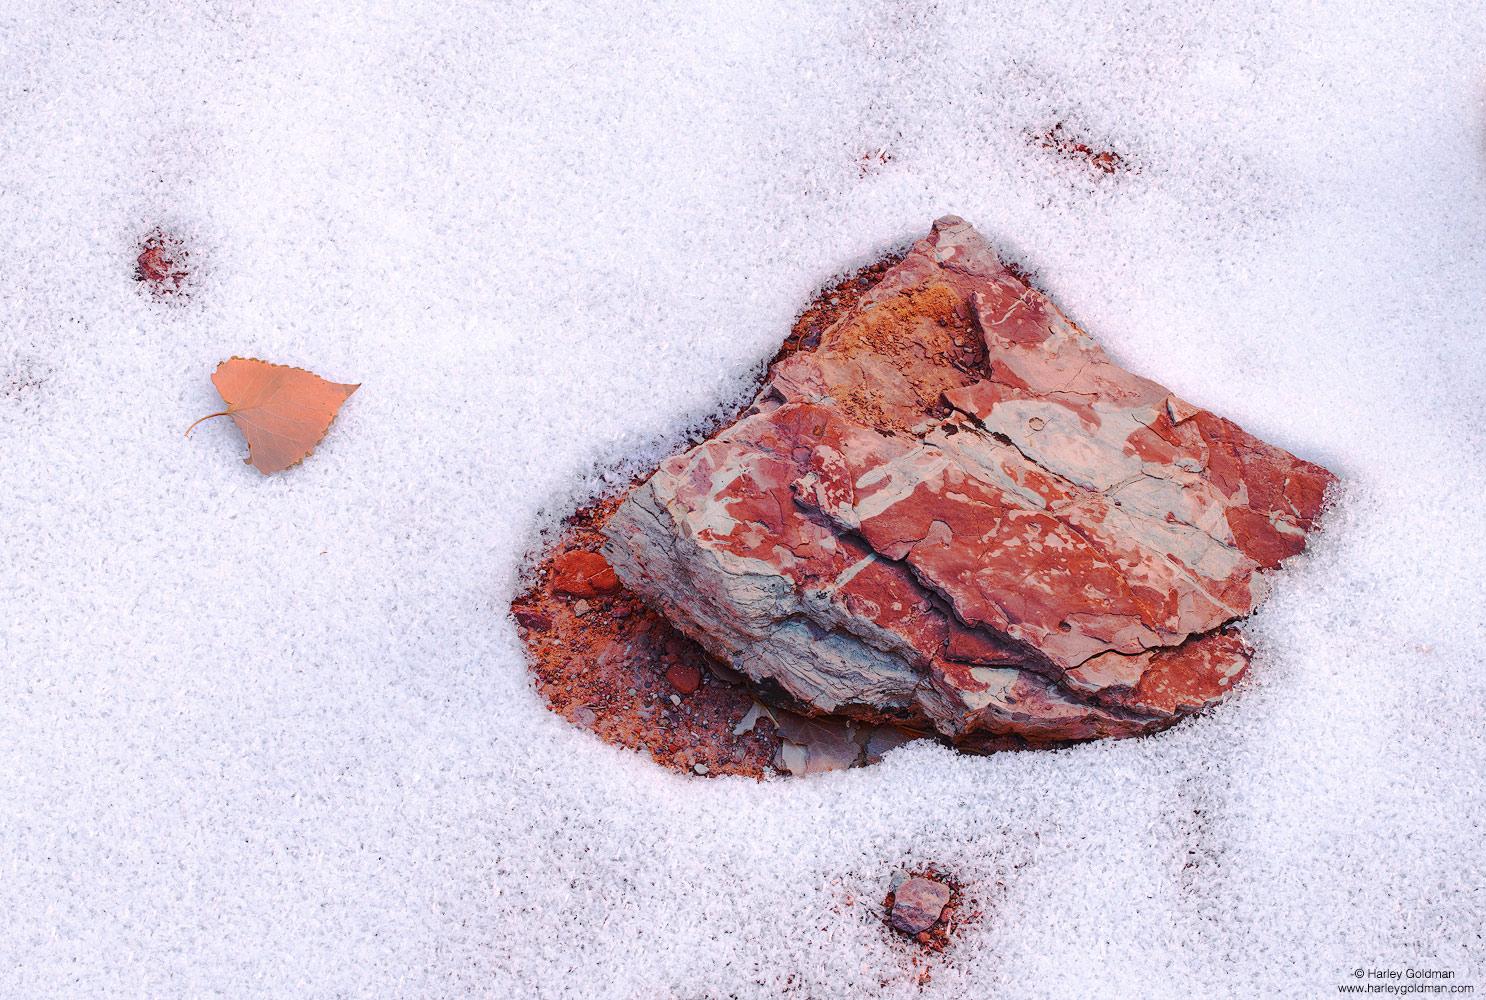 Utah, winter, rock, sandstone, leaf, snow